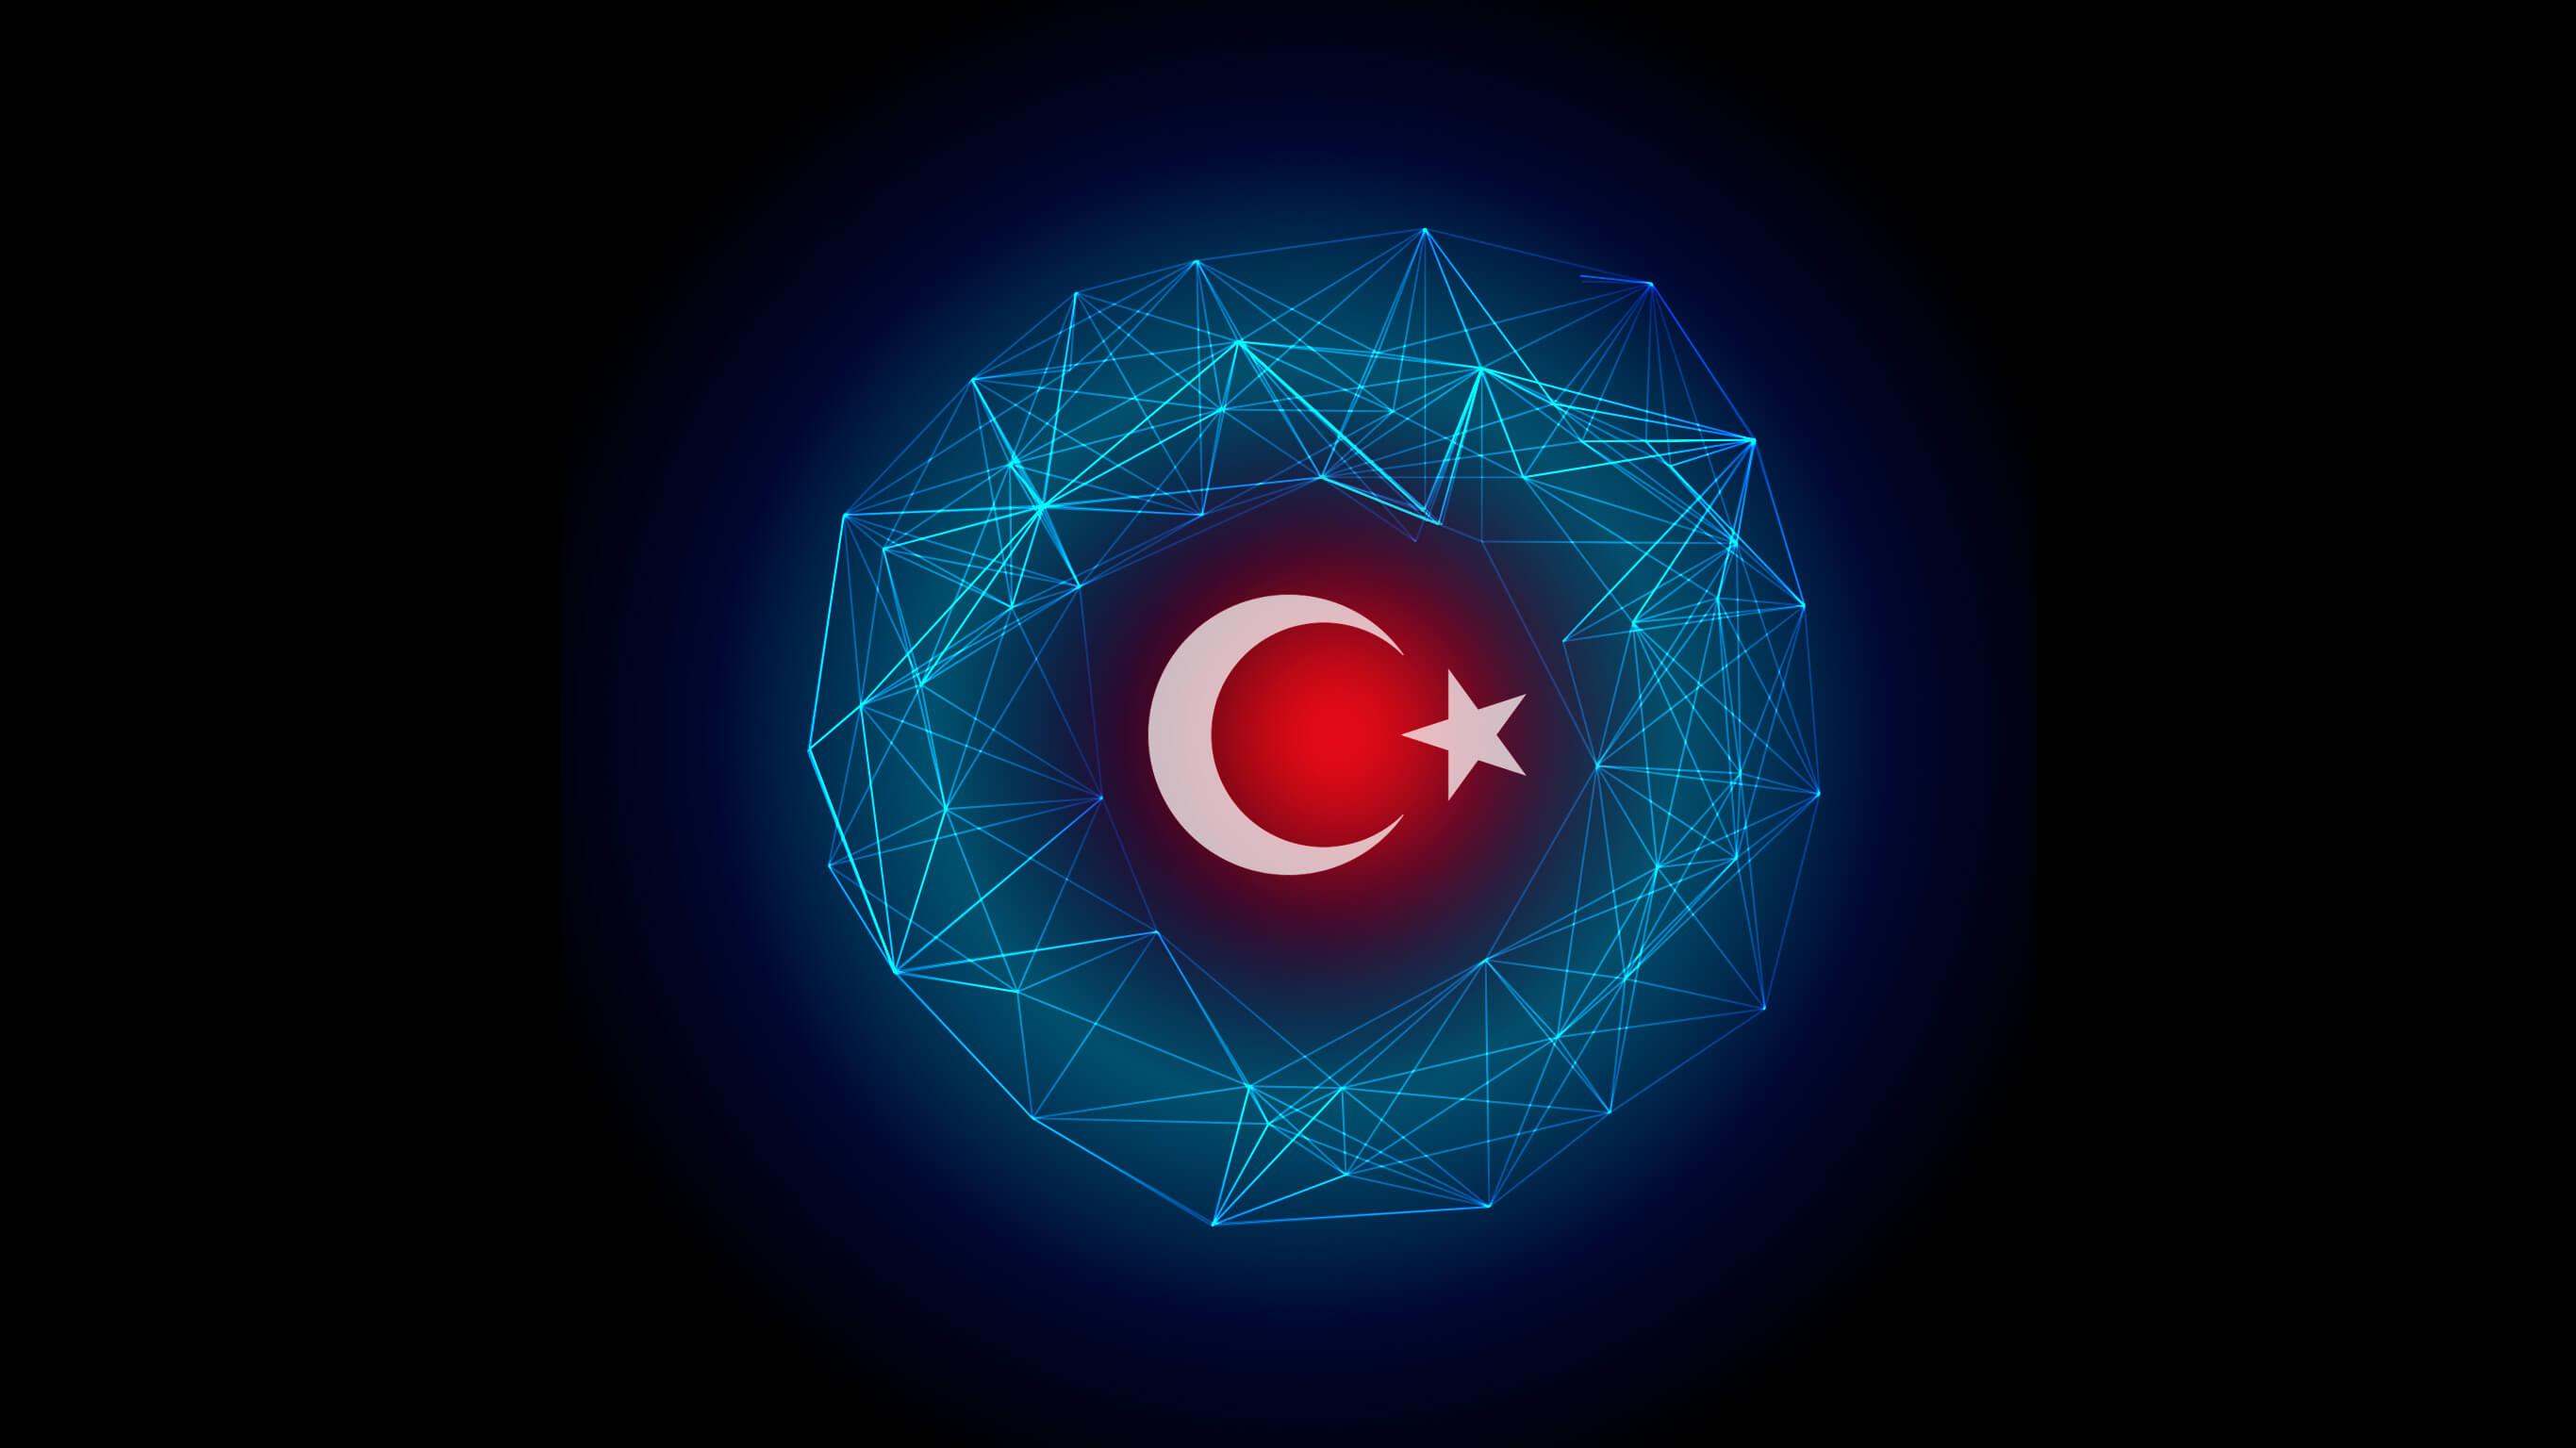 Турция сообщила о планах по созданию национальной блокчейн-инфраструктуры